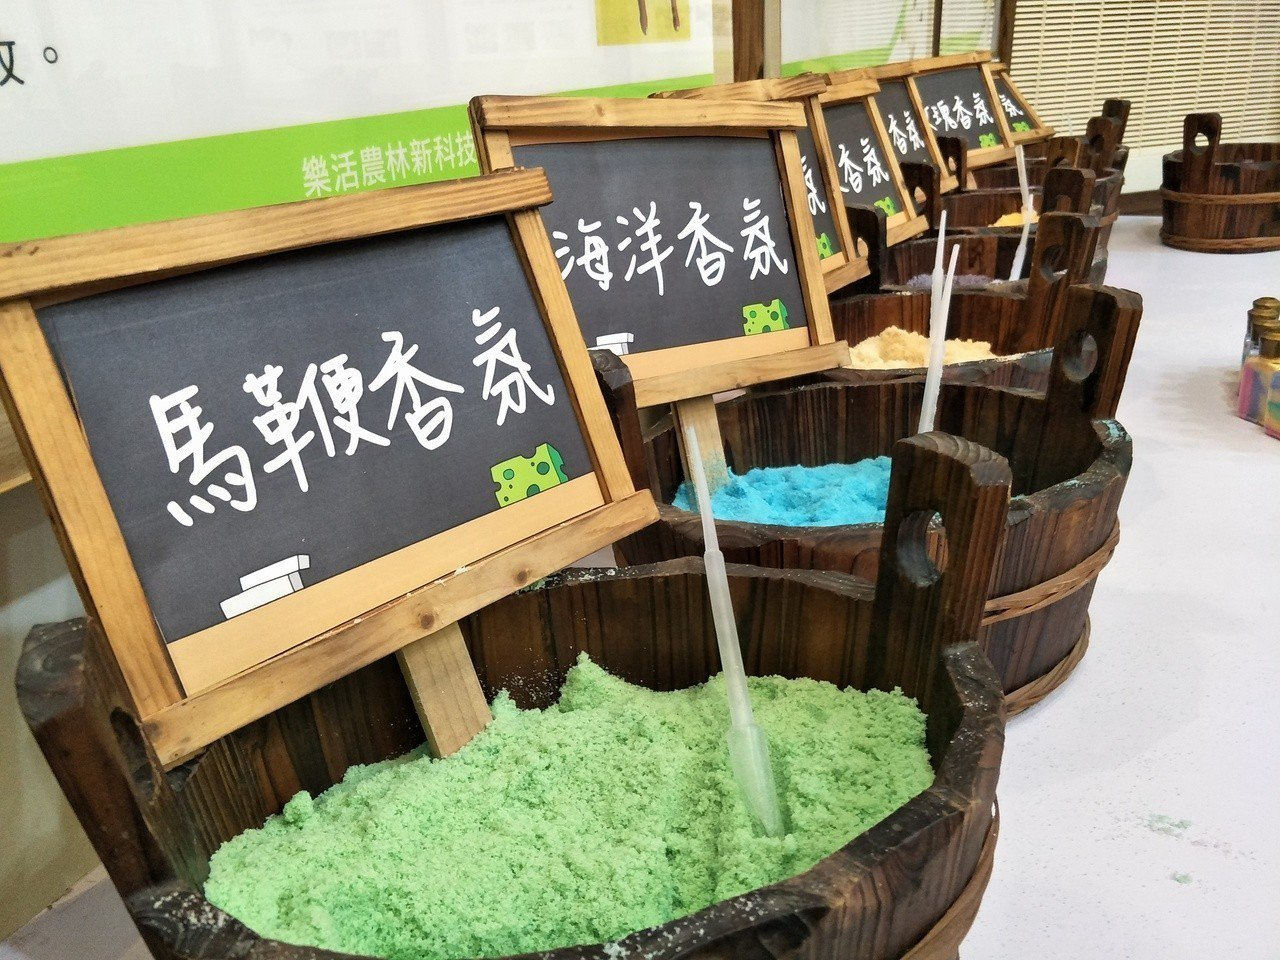 現場展出的七彩沐浴鹽。記者謝進盛/攝影